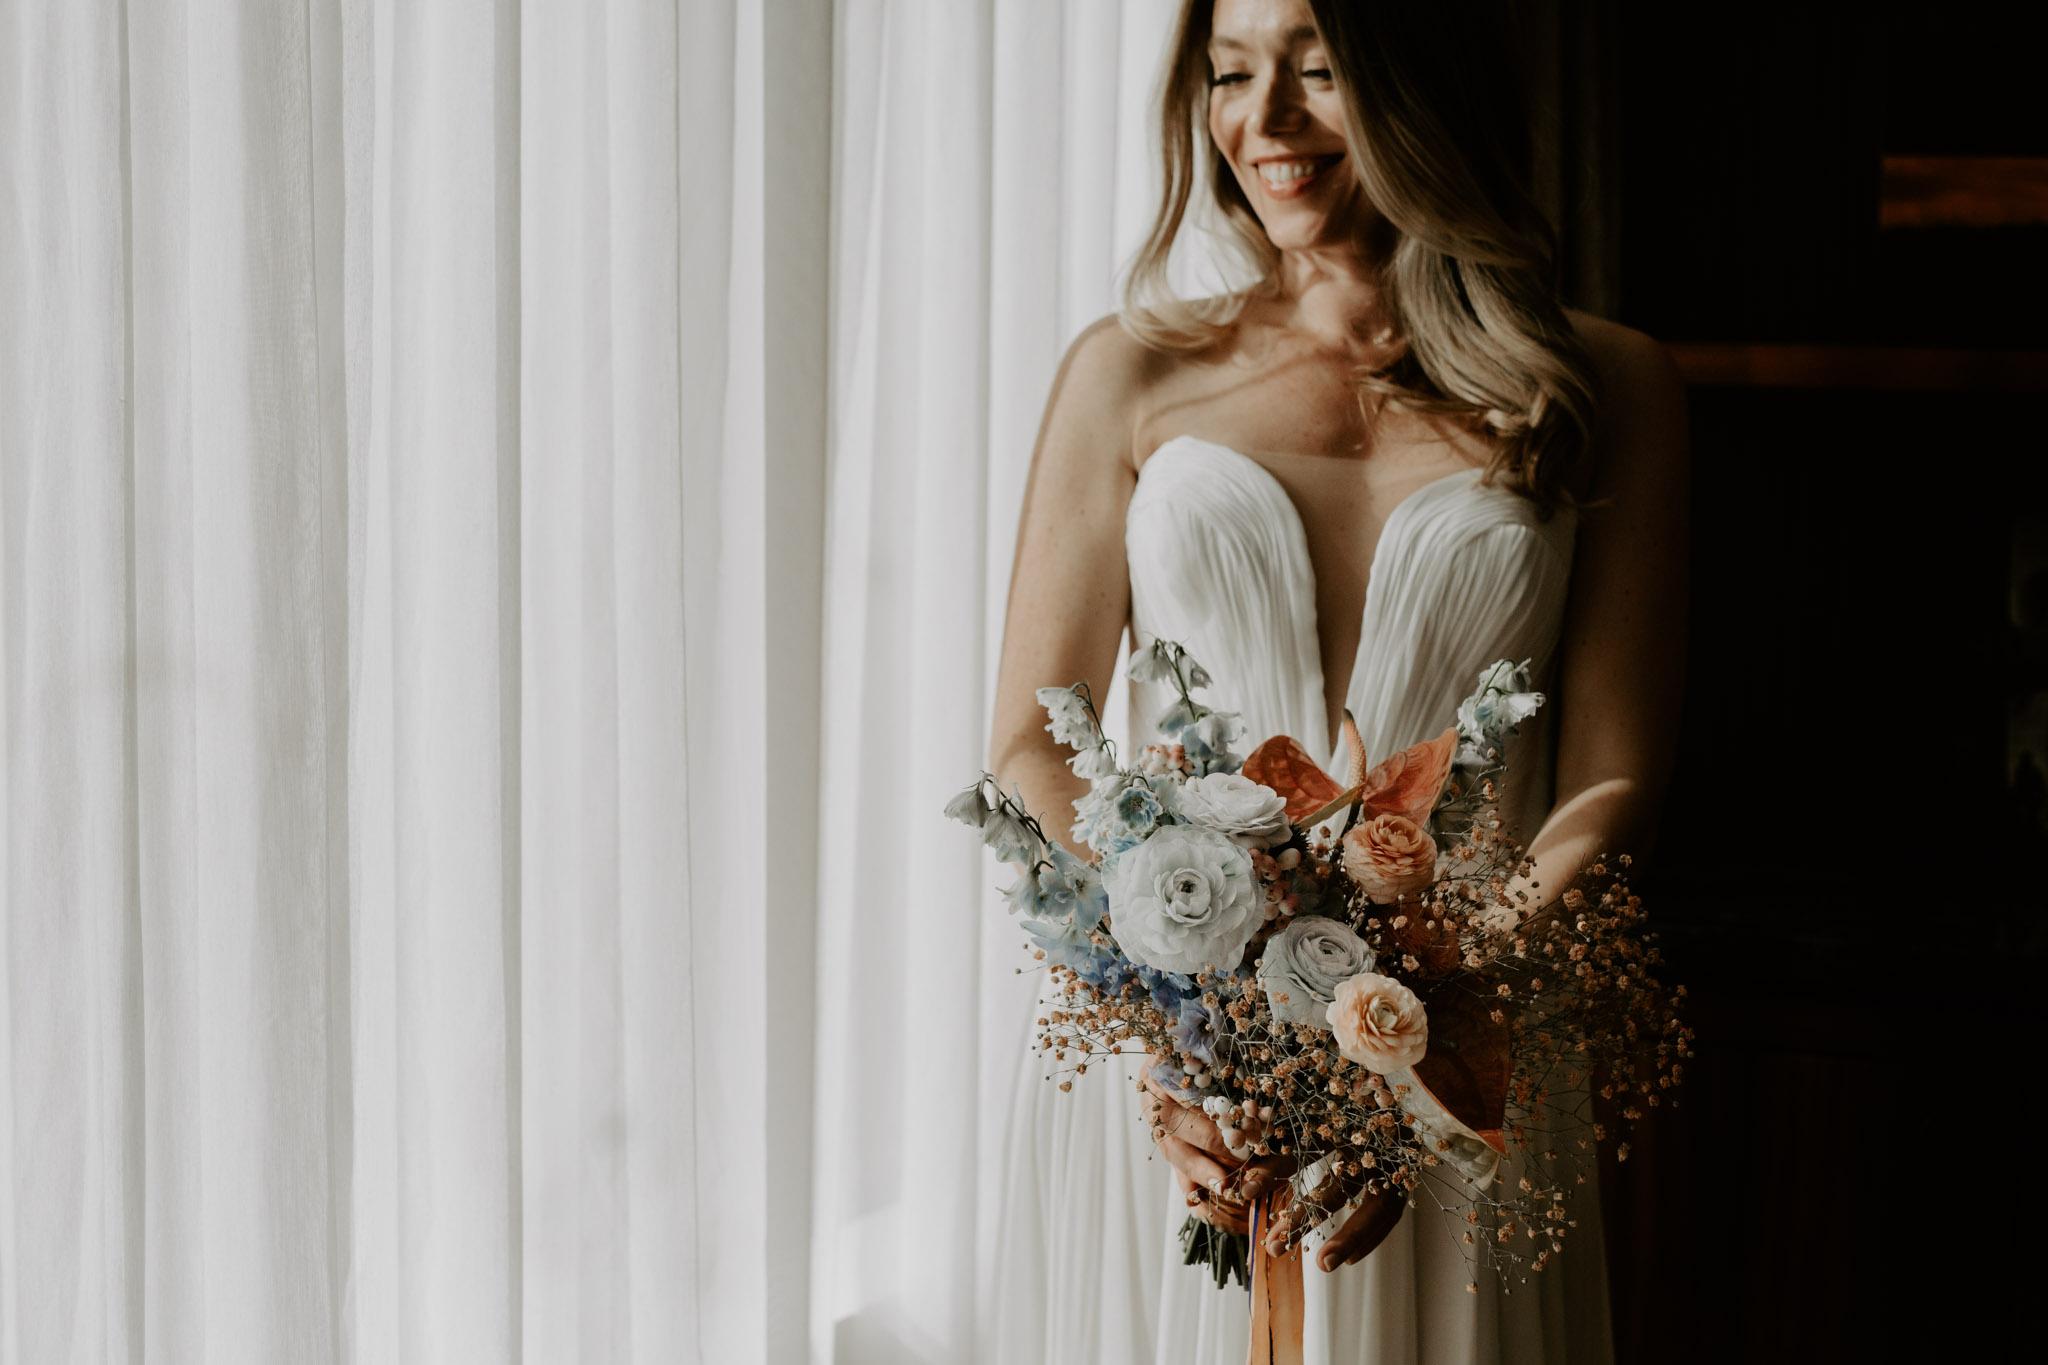 Casa La Palma Wedding - bridal portrait with bouquet